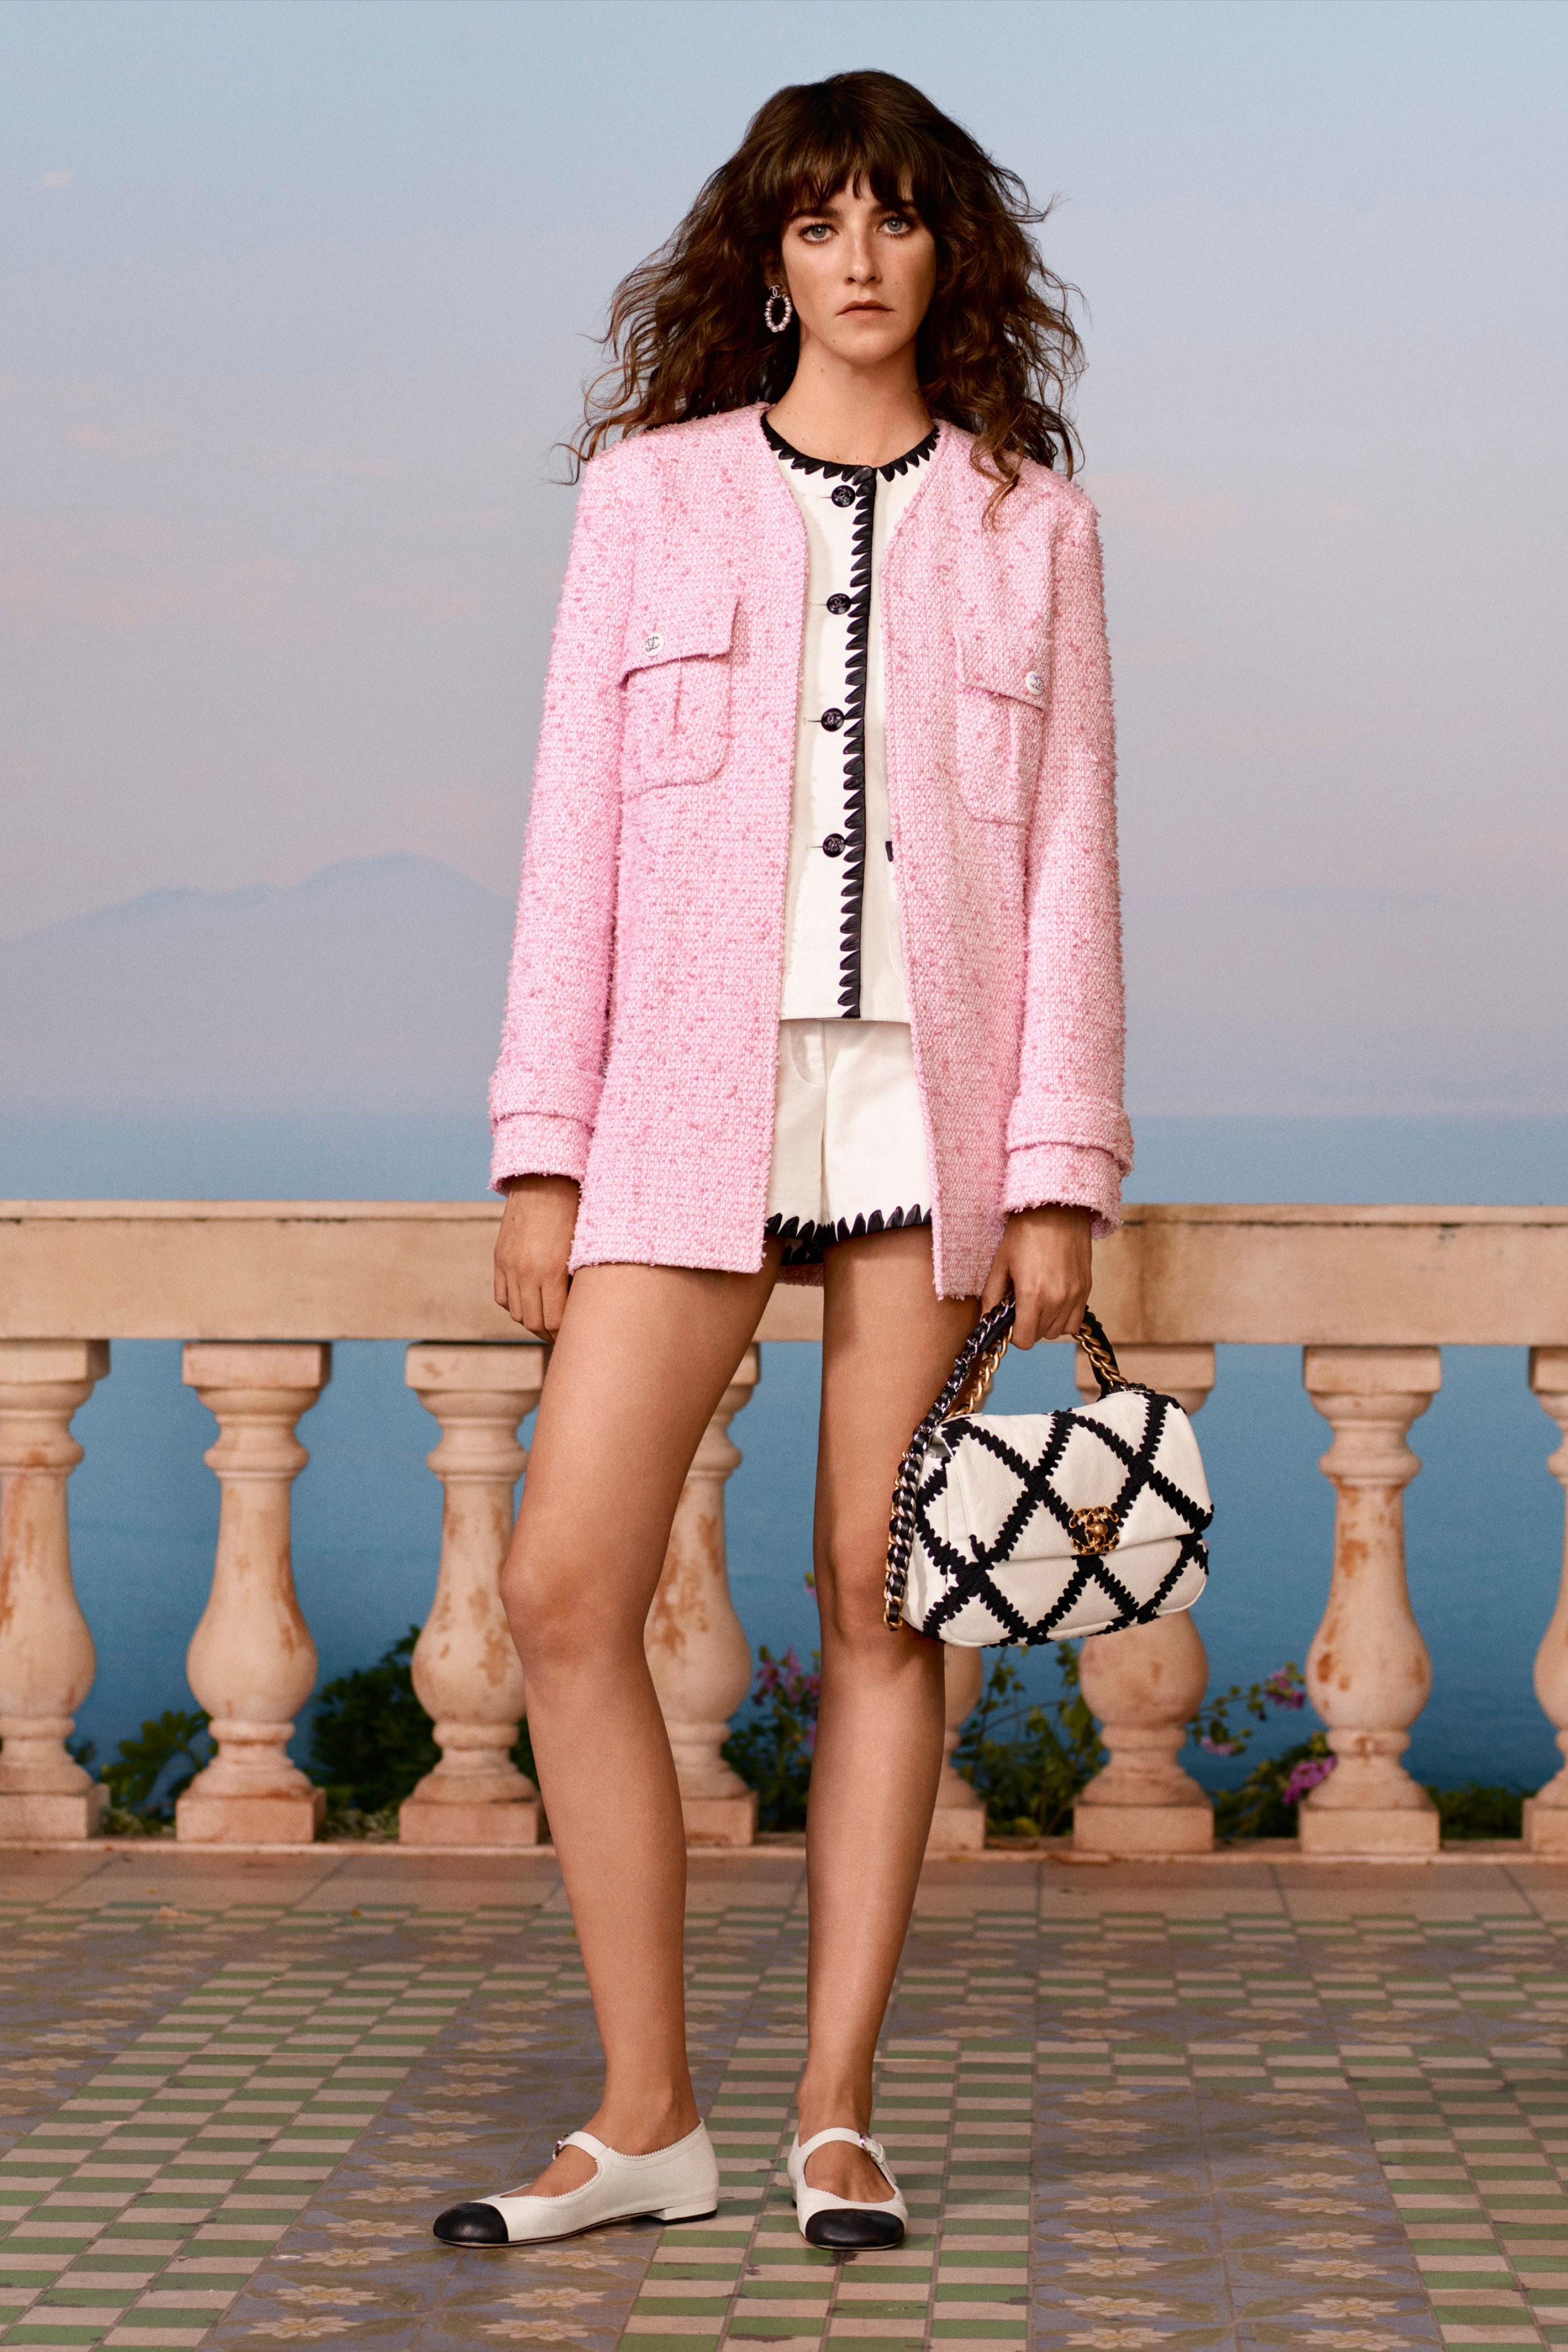 Áo khoác tweed màu pasel hồng thạch anh trong BST Chanel resort 2021